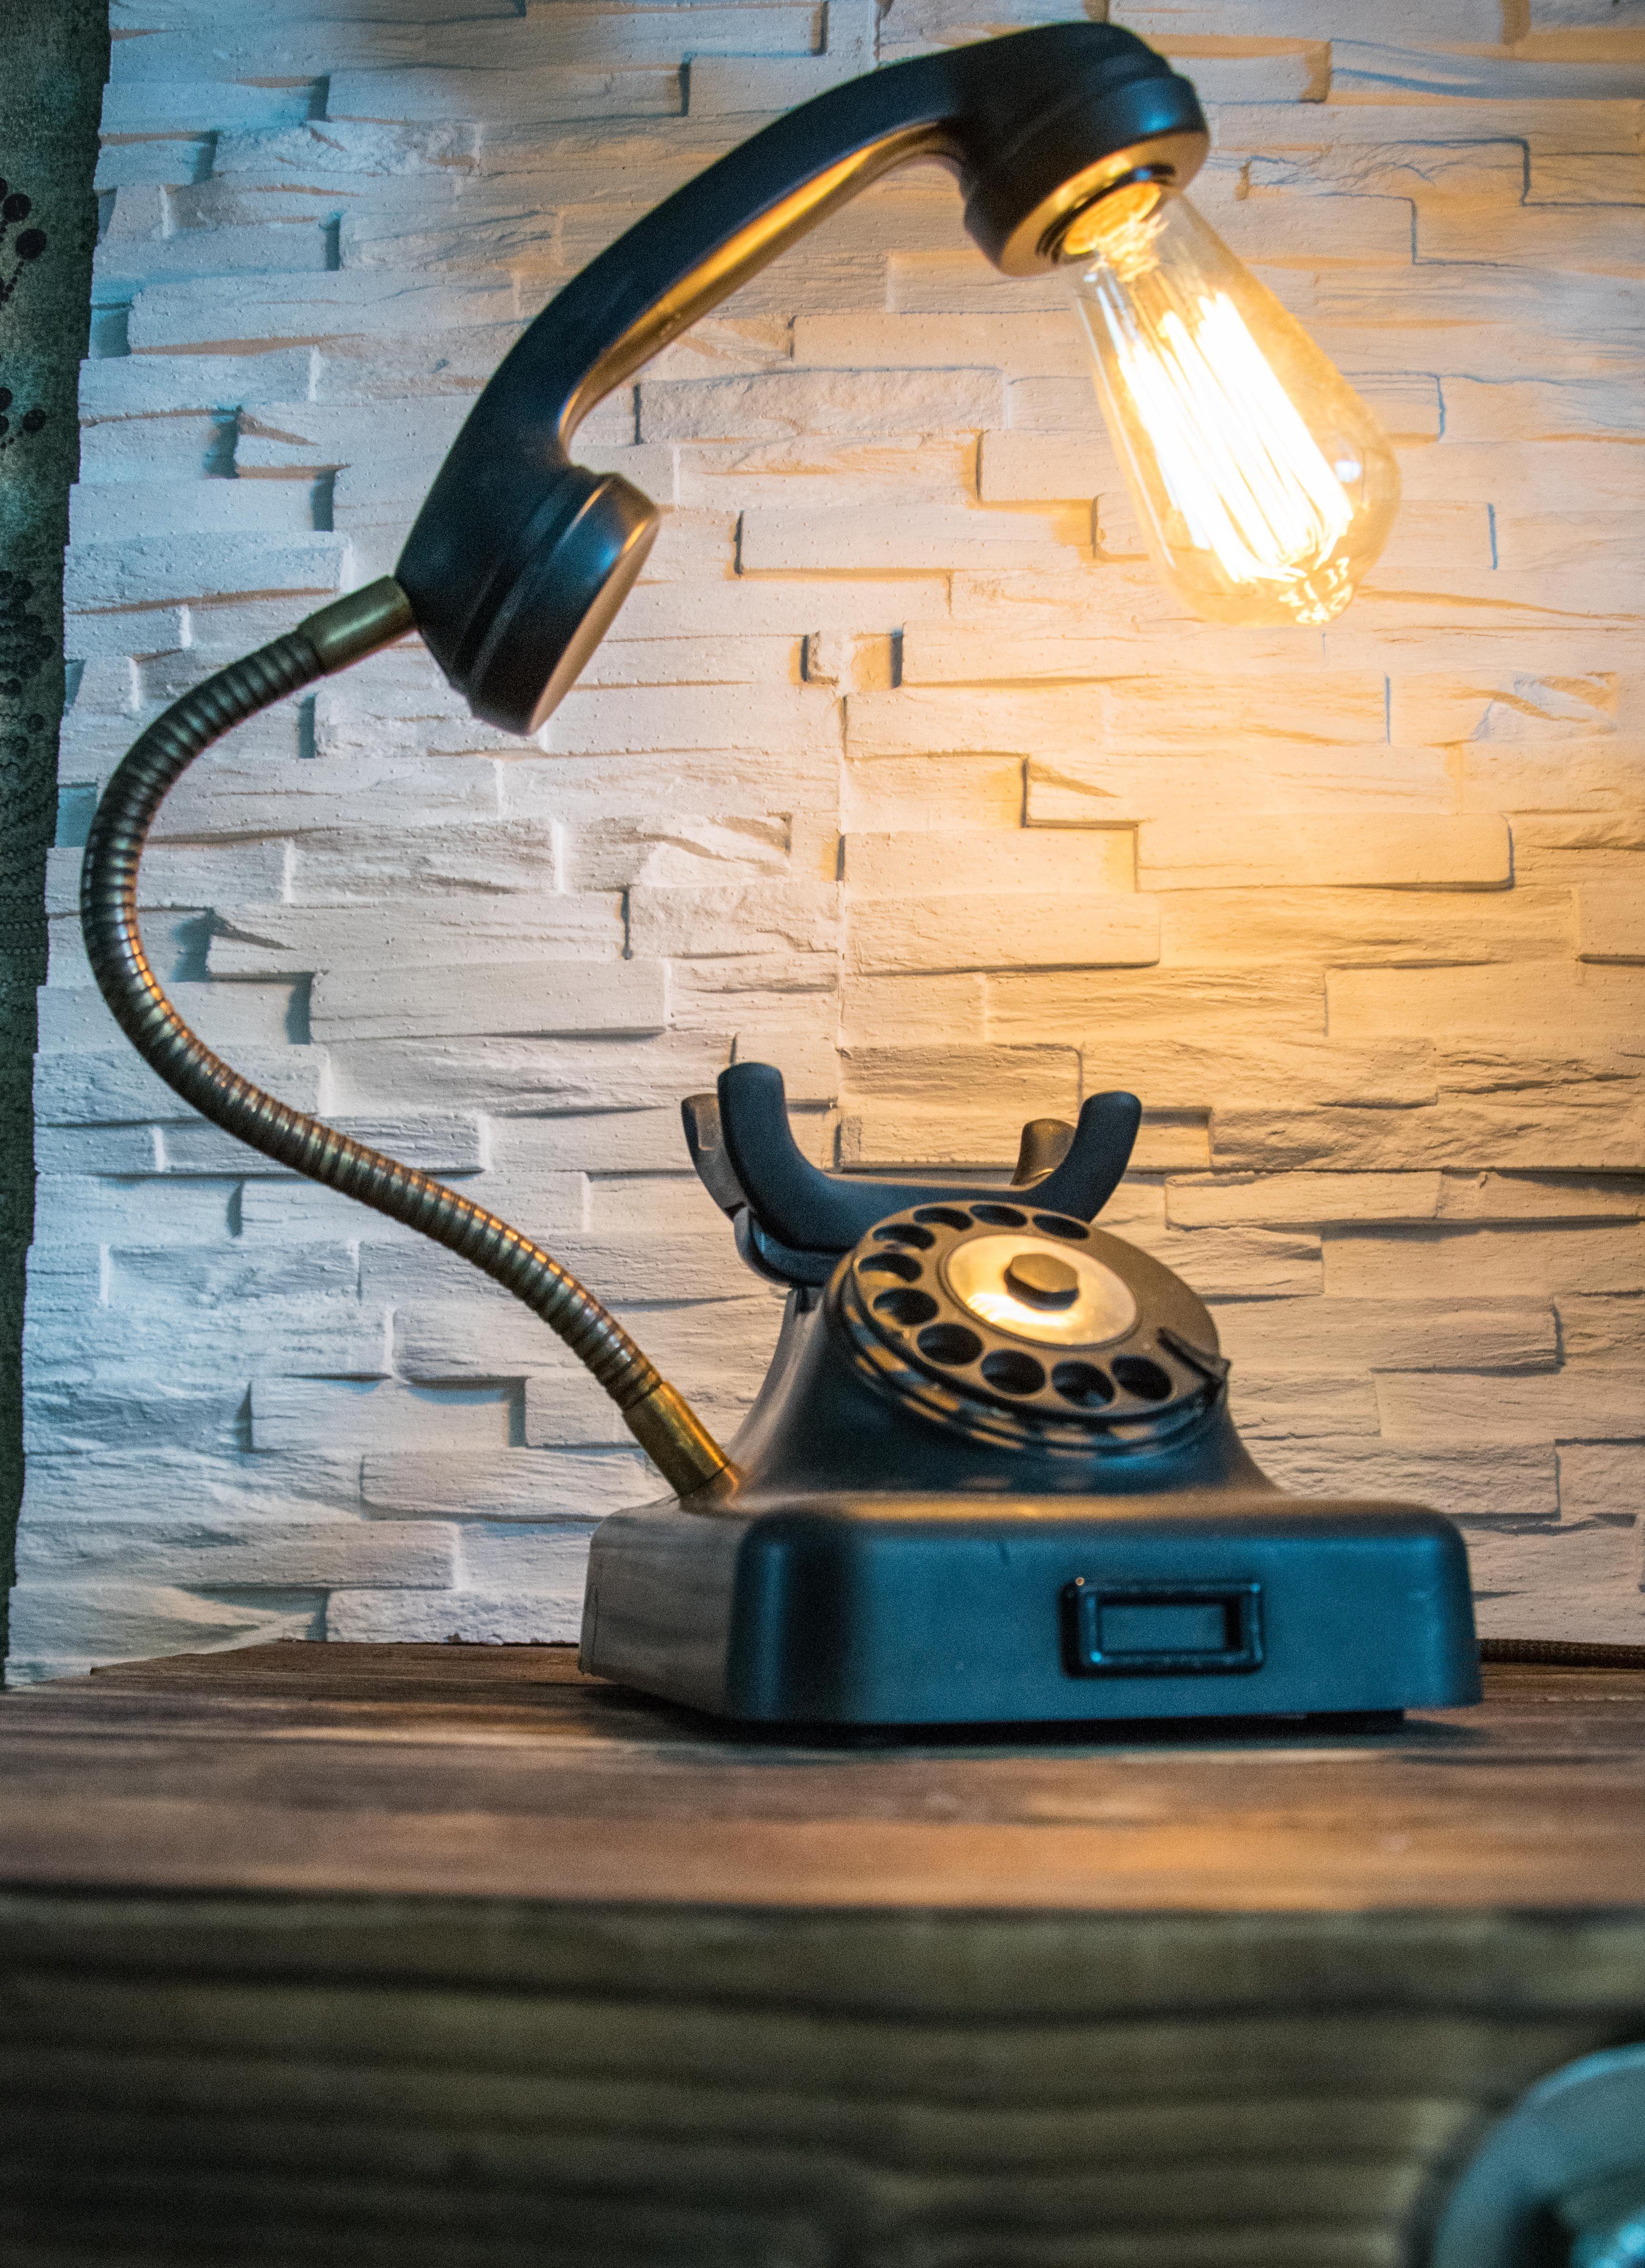 Pin Von Leuchtenschmiede Auf Upcycling Lamp Rund Ums Haus Gegenstande Upcycling